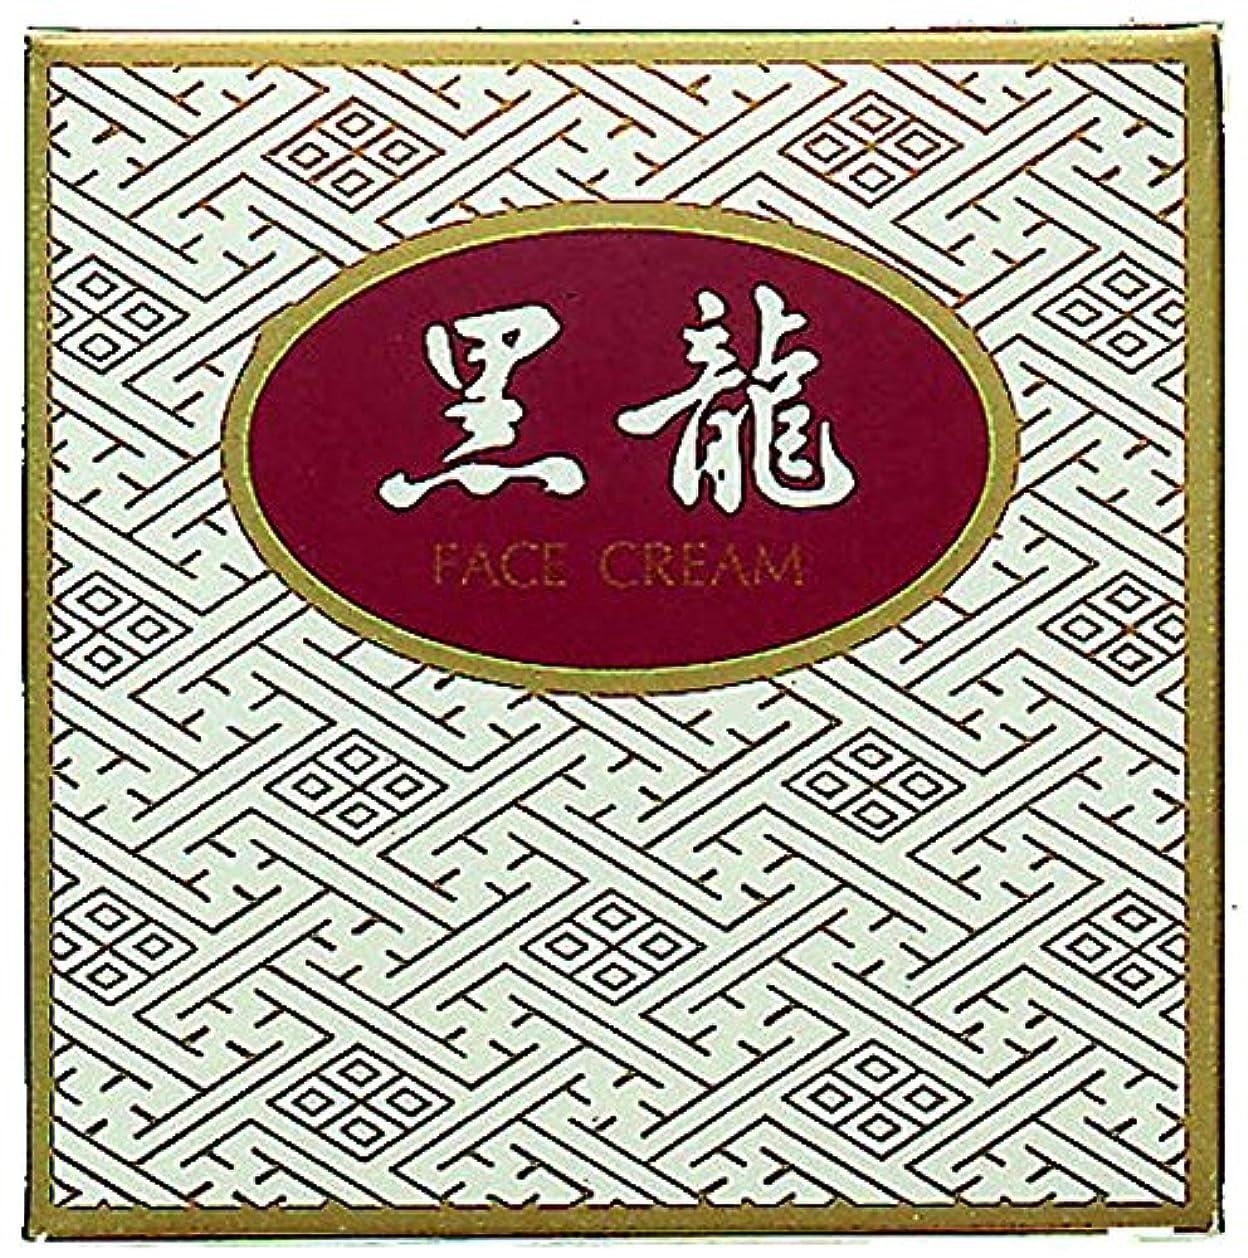 アジア人ランプフリル薬効クリーム 黒龍 金線 35g